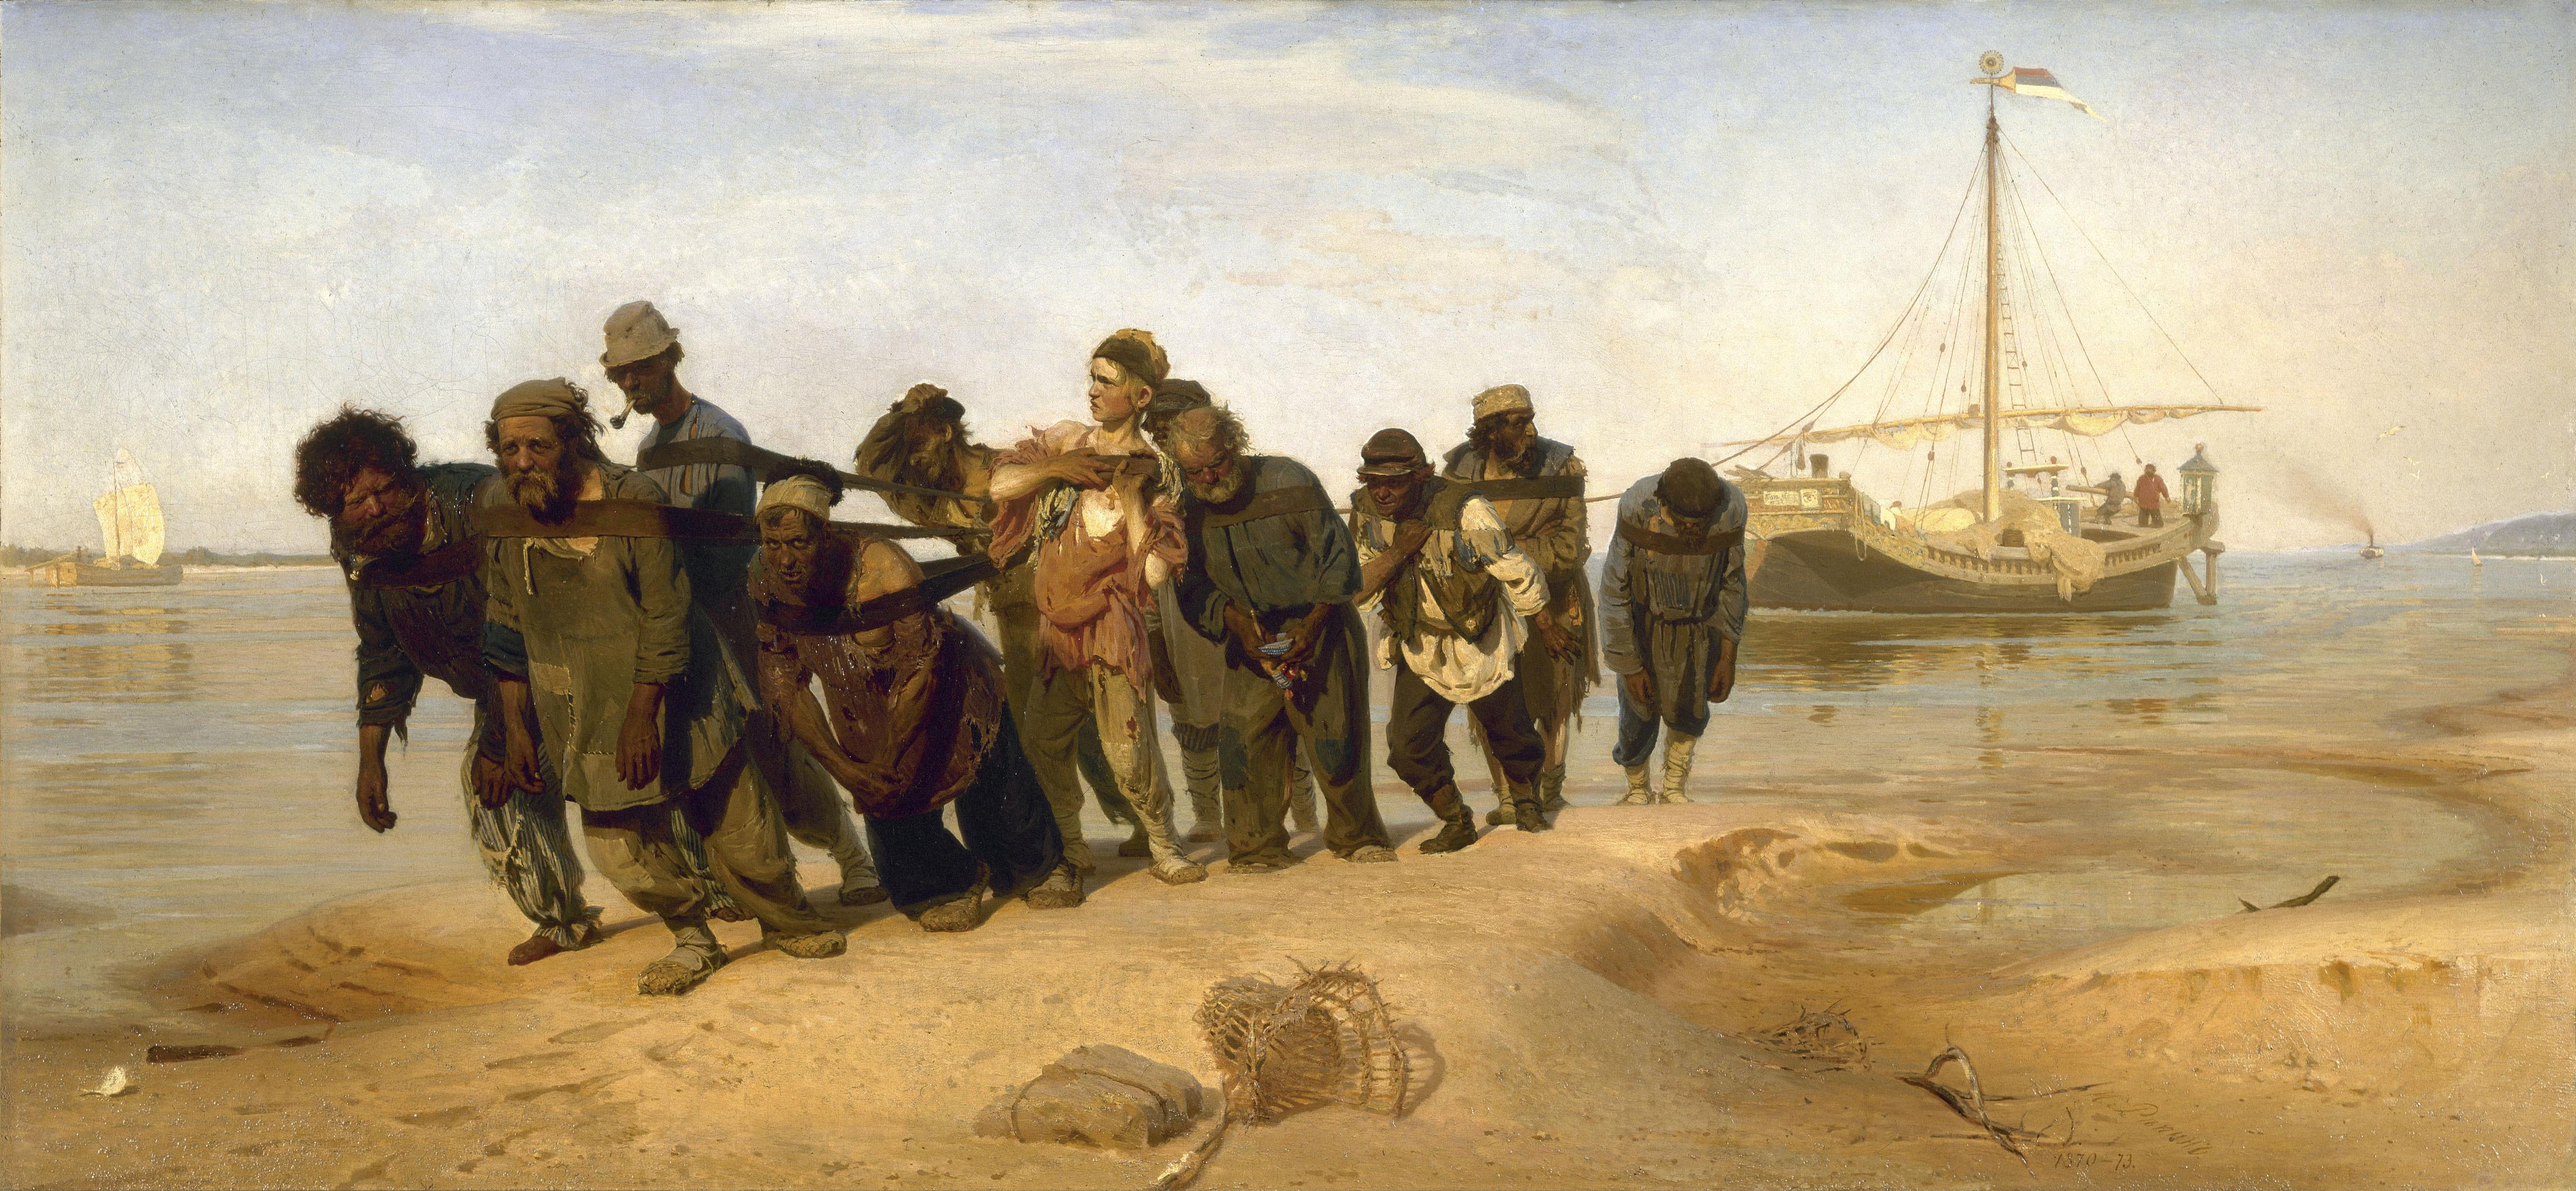 Painting by Ilia Efimovich Repin (1844-1930): Volga Boatmen (1870-1873)